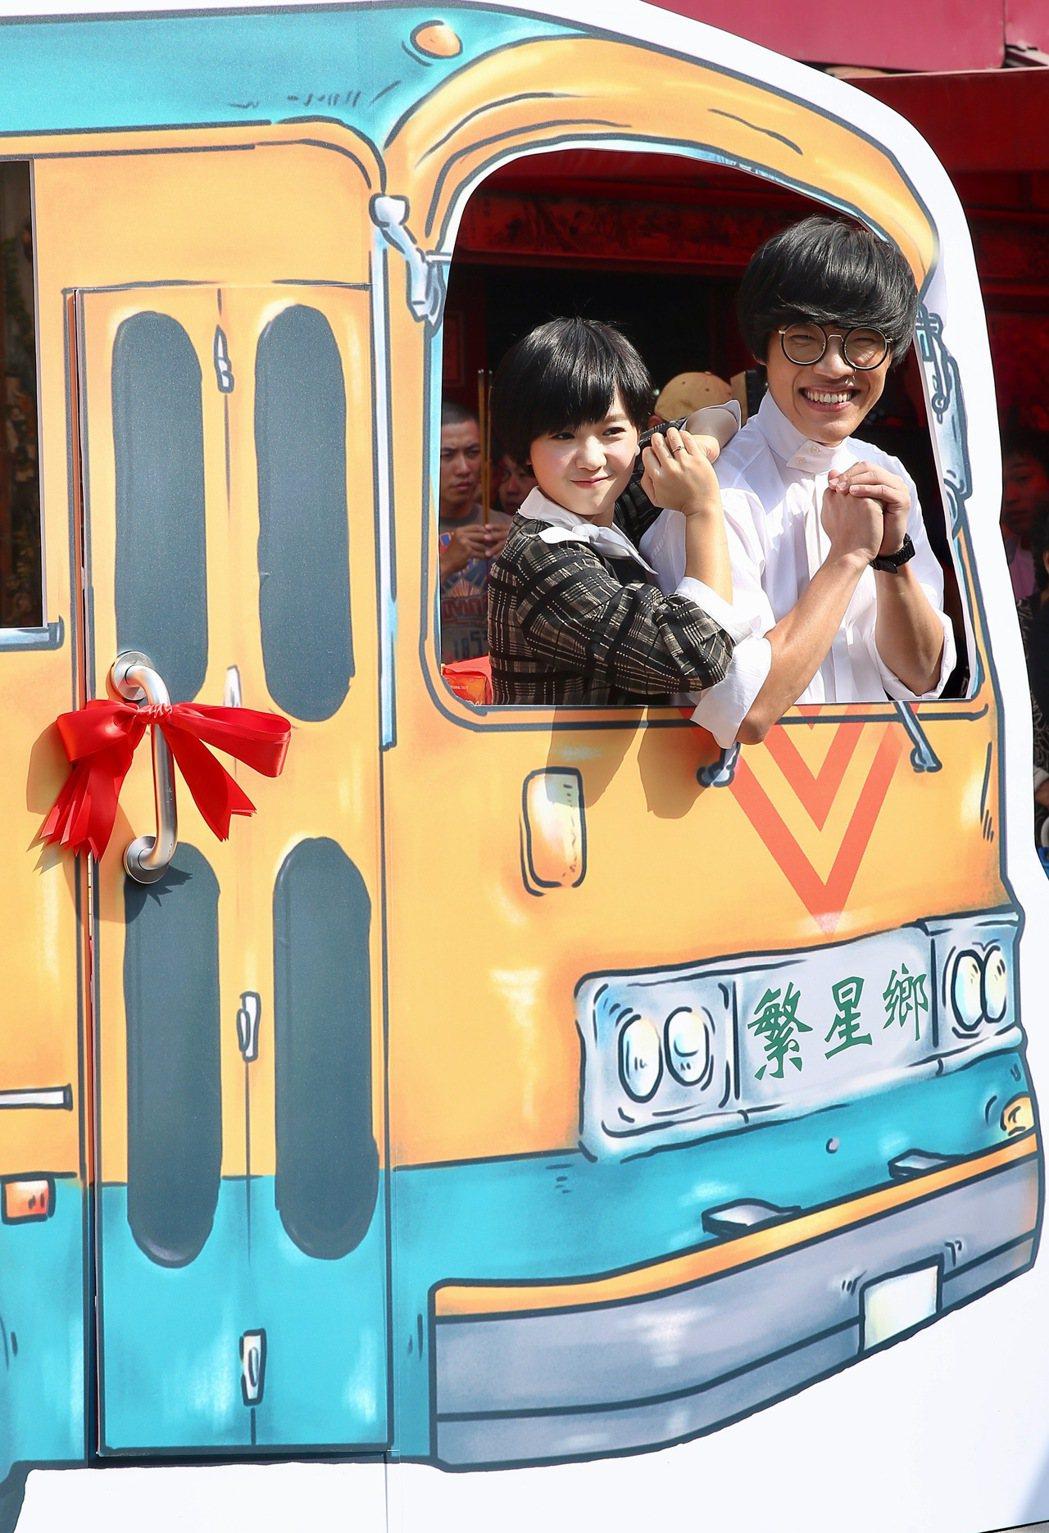 電影「花甲大人轉男孩」舉行開鏡記者會,盧廣仲(右)與嚴正嵐(左)出席。記者林伯東...